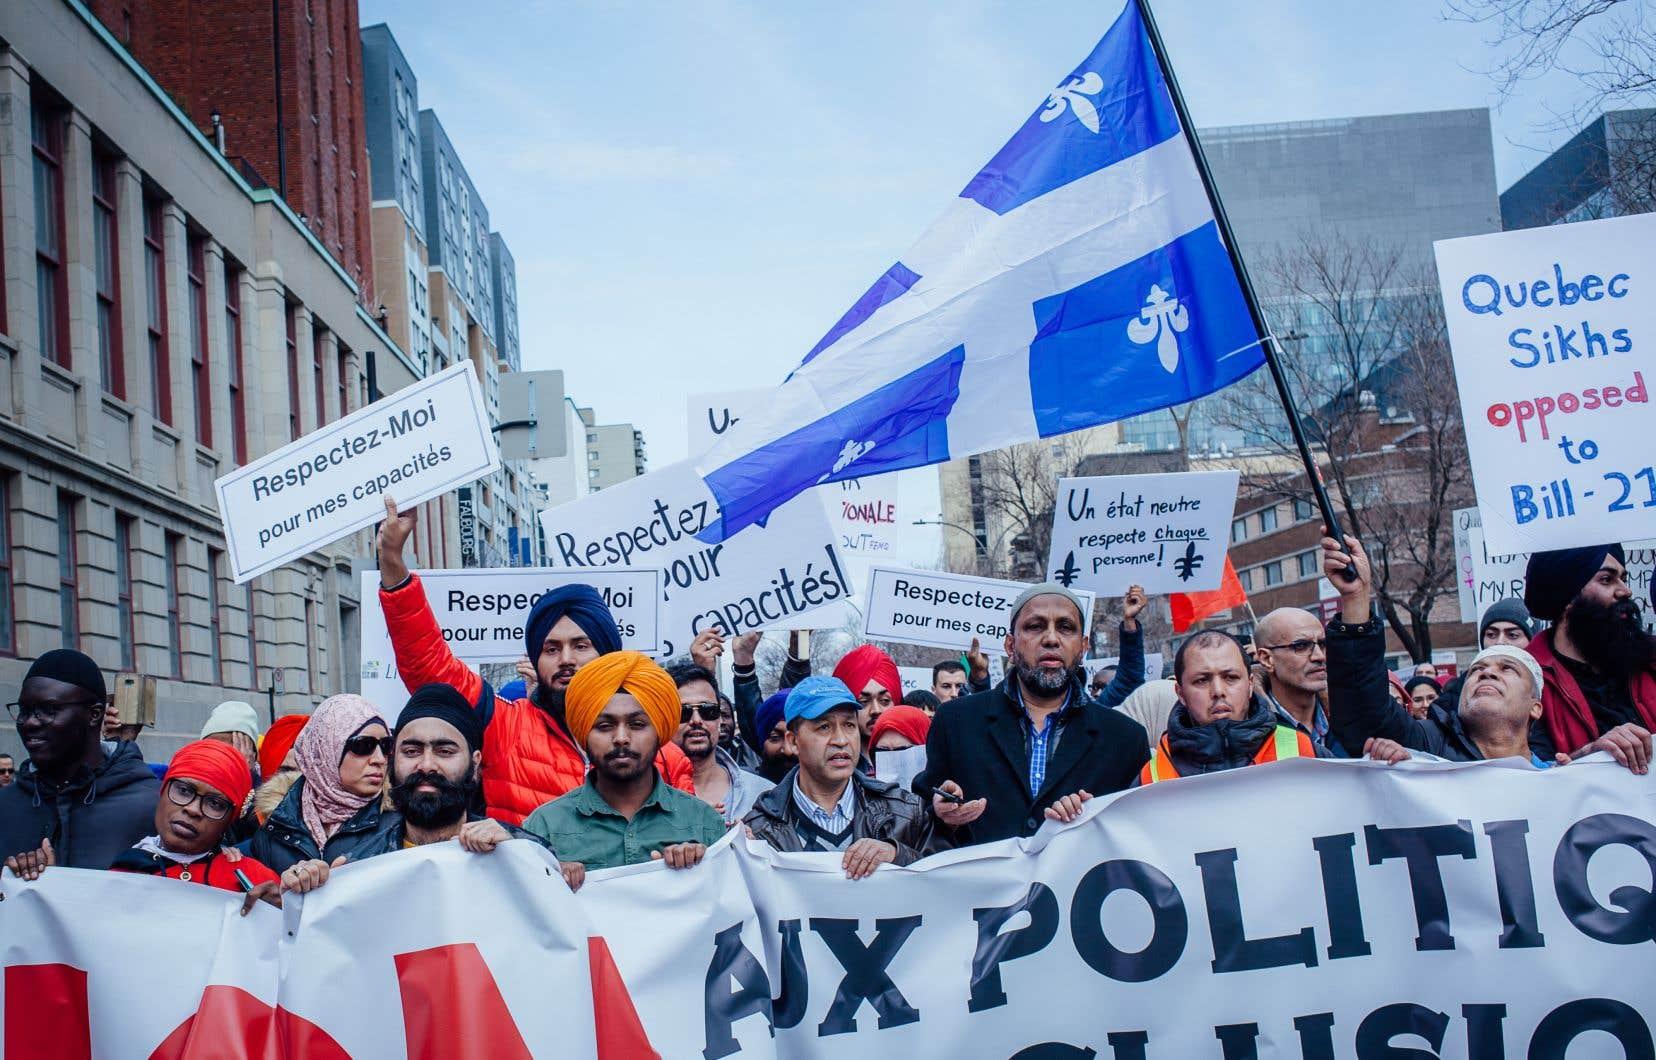 «Soustraire une loi à l'examen des tribunaux en faisant fi de la charte québécoise est un geste profondément antidémocratique», estime l'auteur.